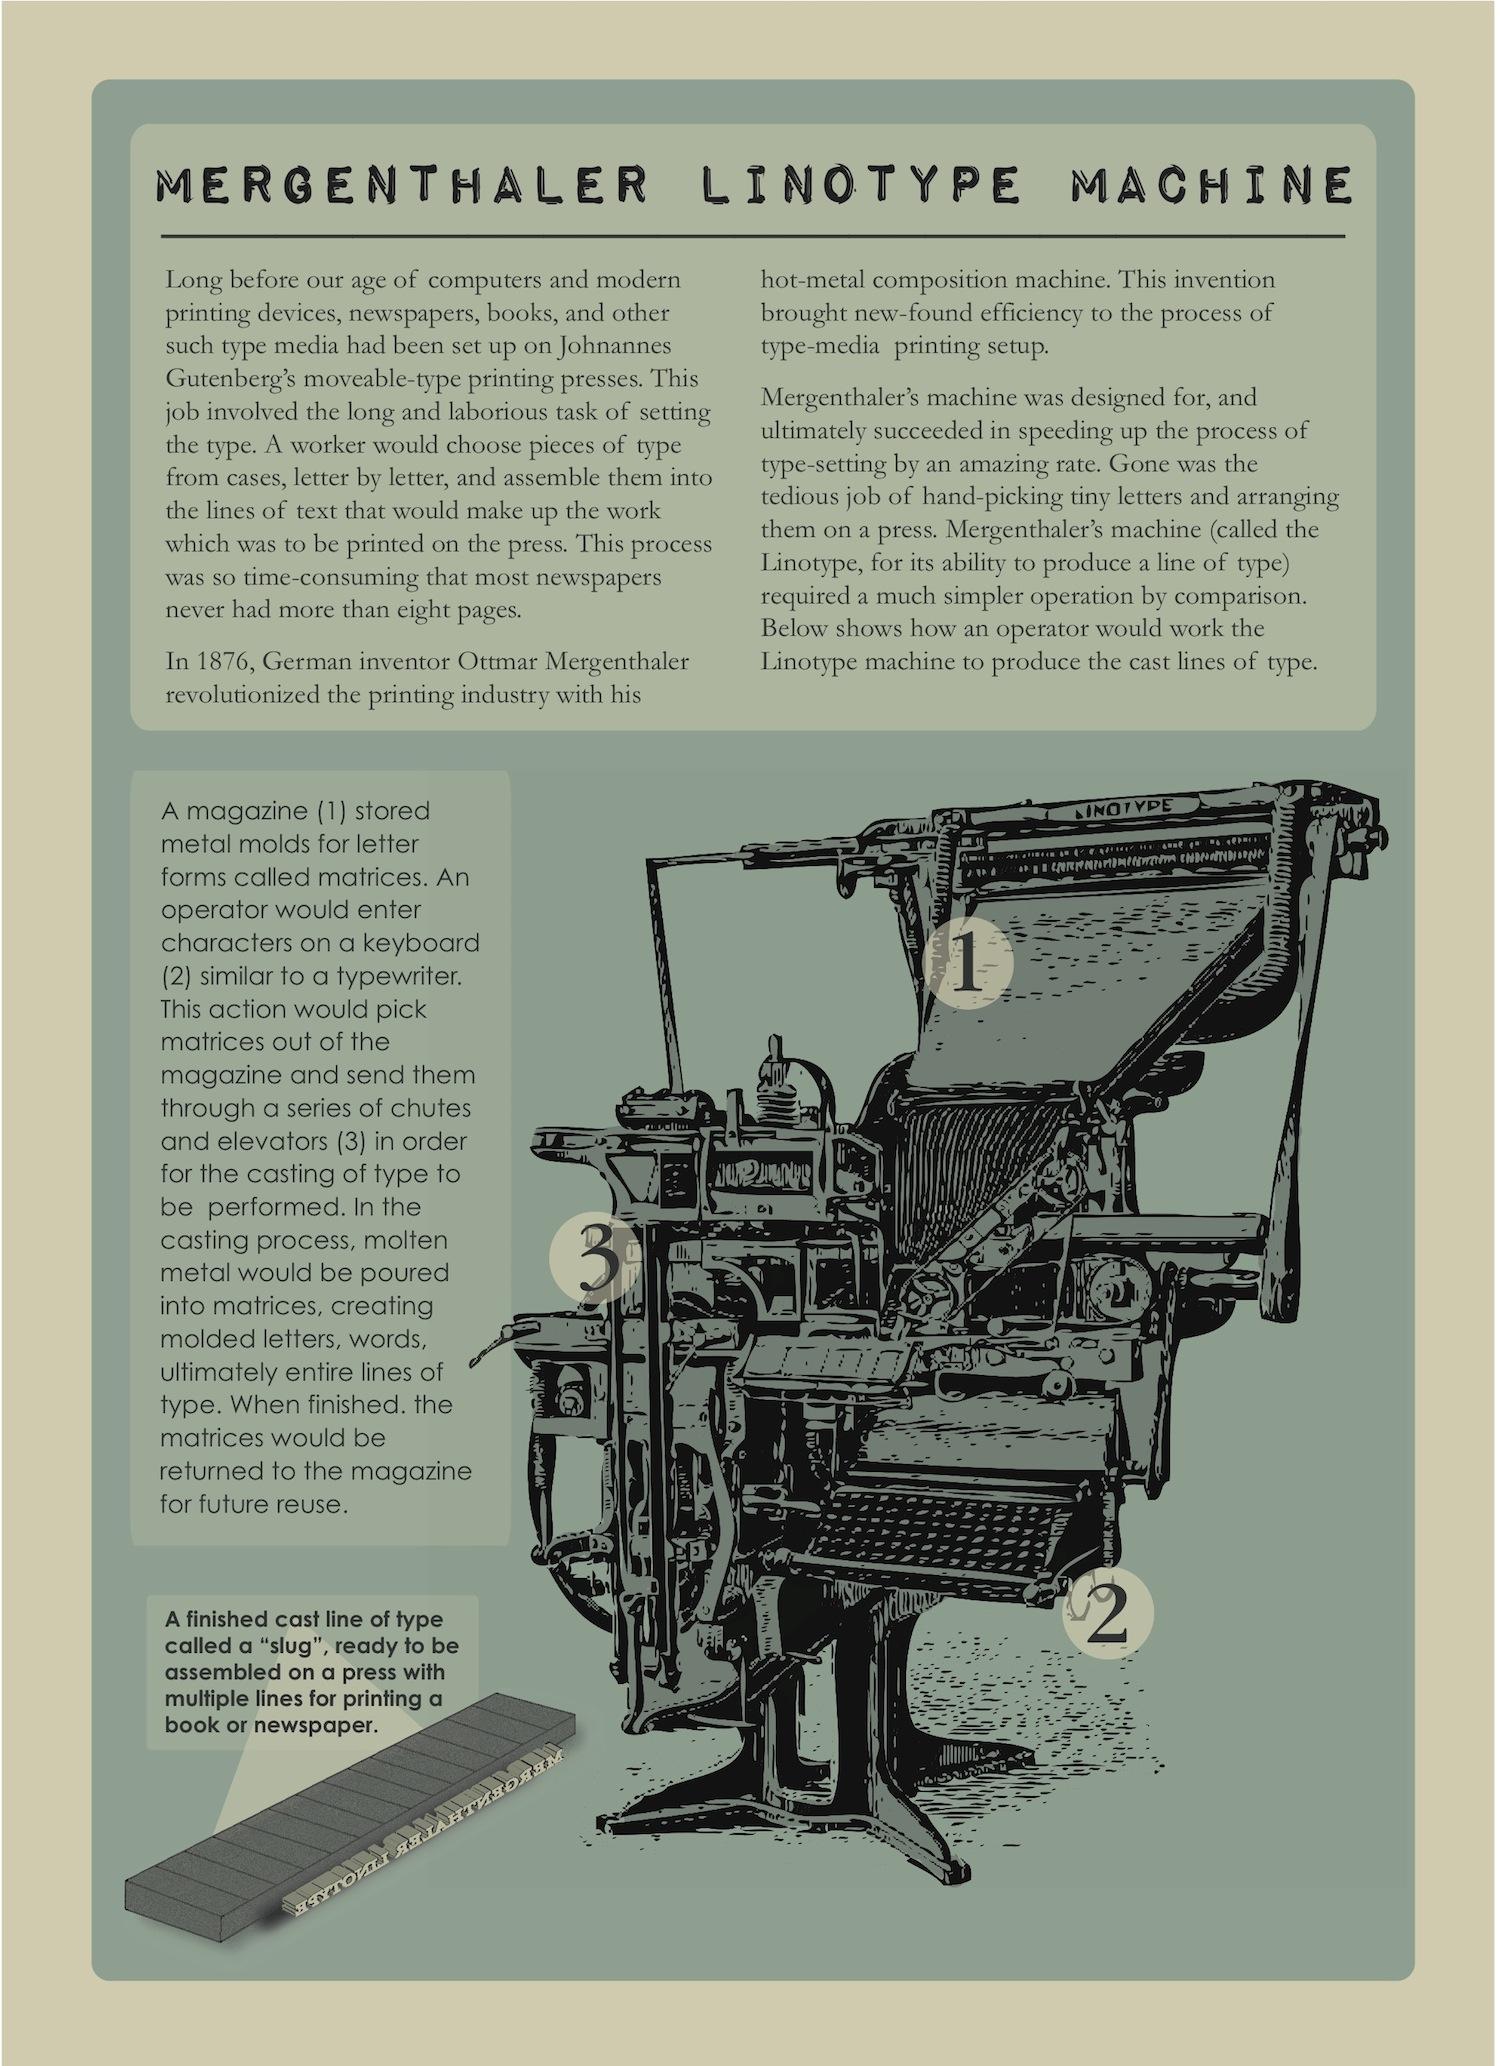 Mergenthaler Linotype Machine Poster